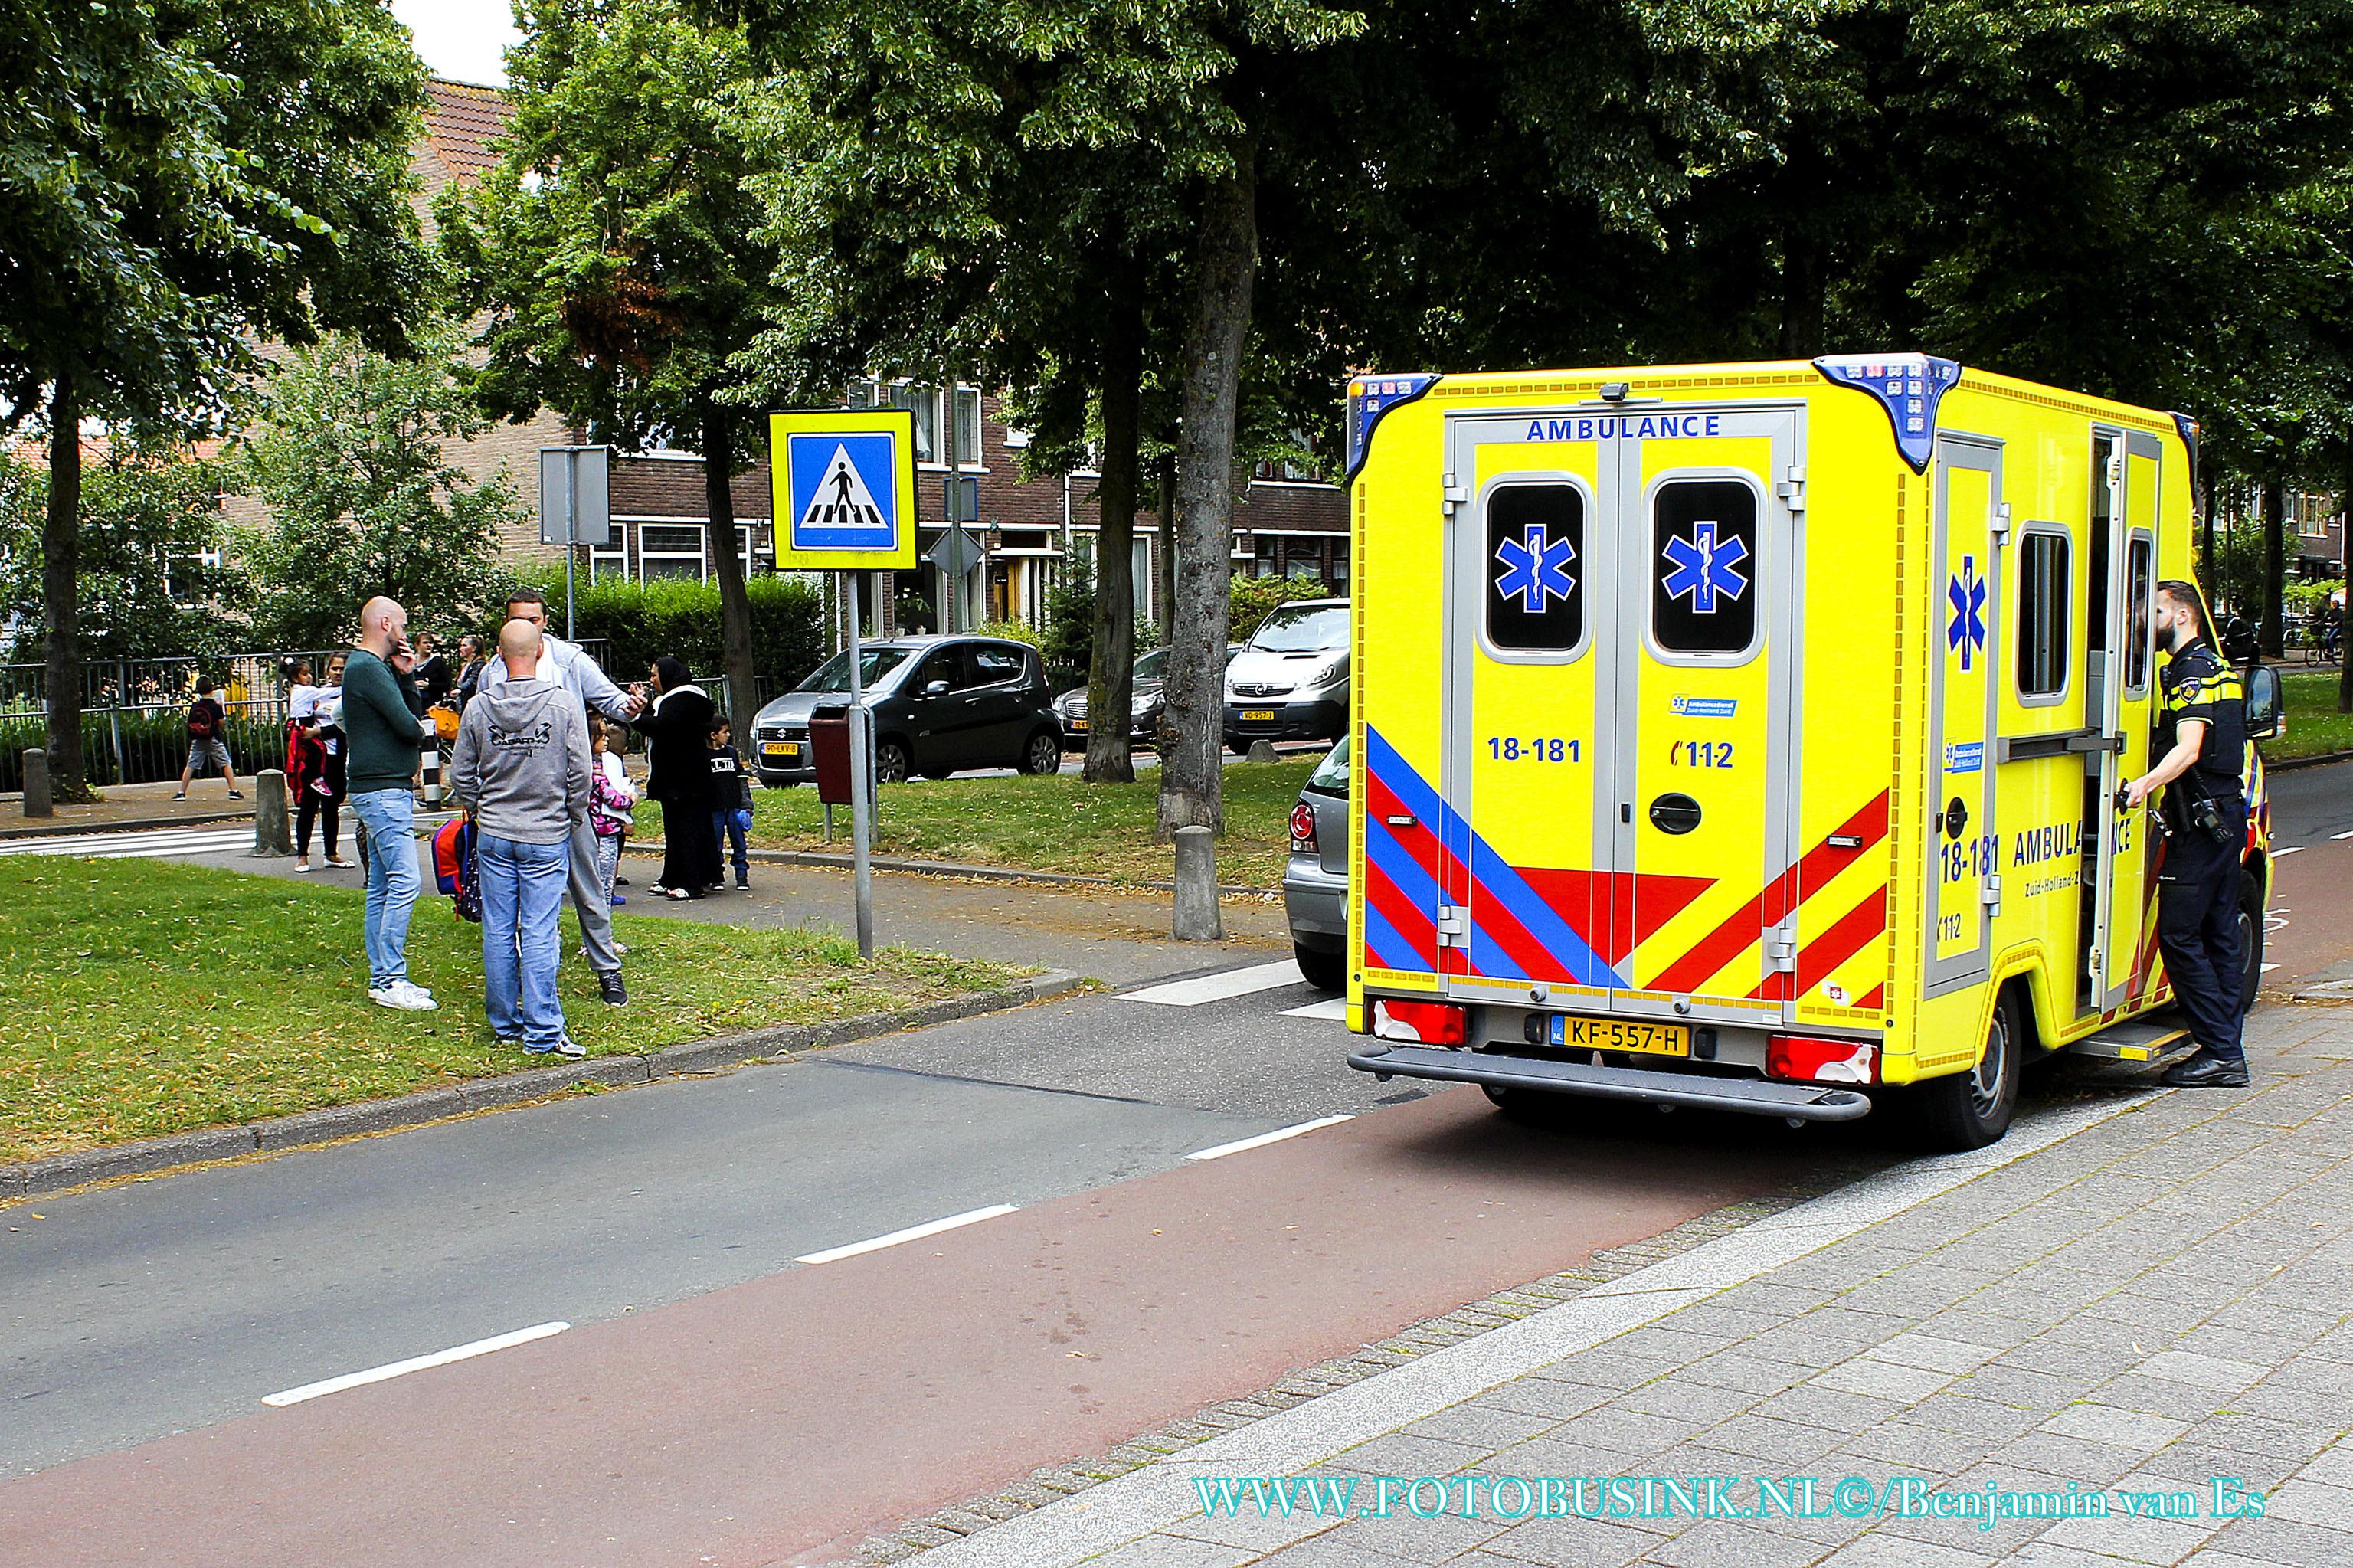 Voetganger aangereden op zebrapad aan de Brouwersdijk in Dordrecht.